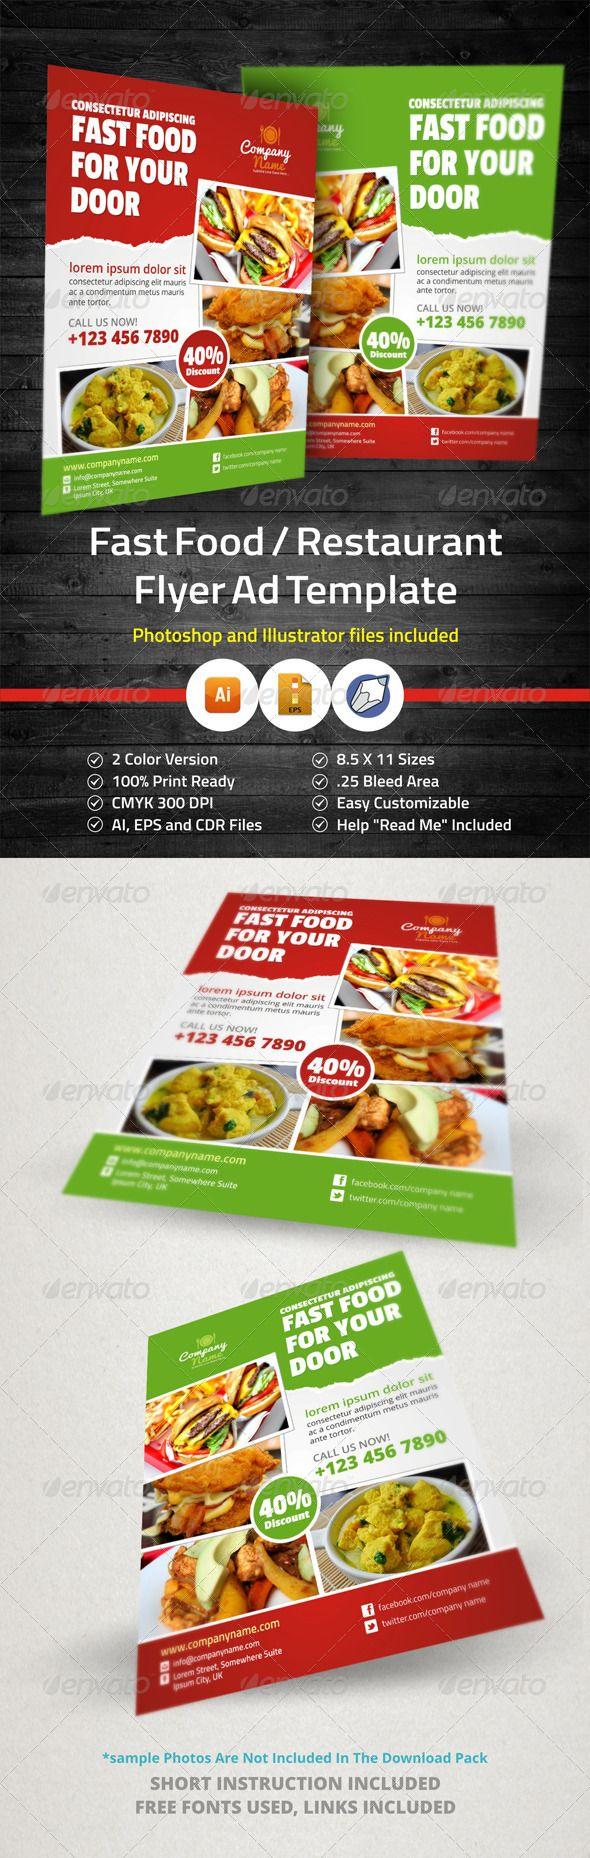 Food Menu Restaurants Flyer Ad Design v2